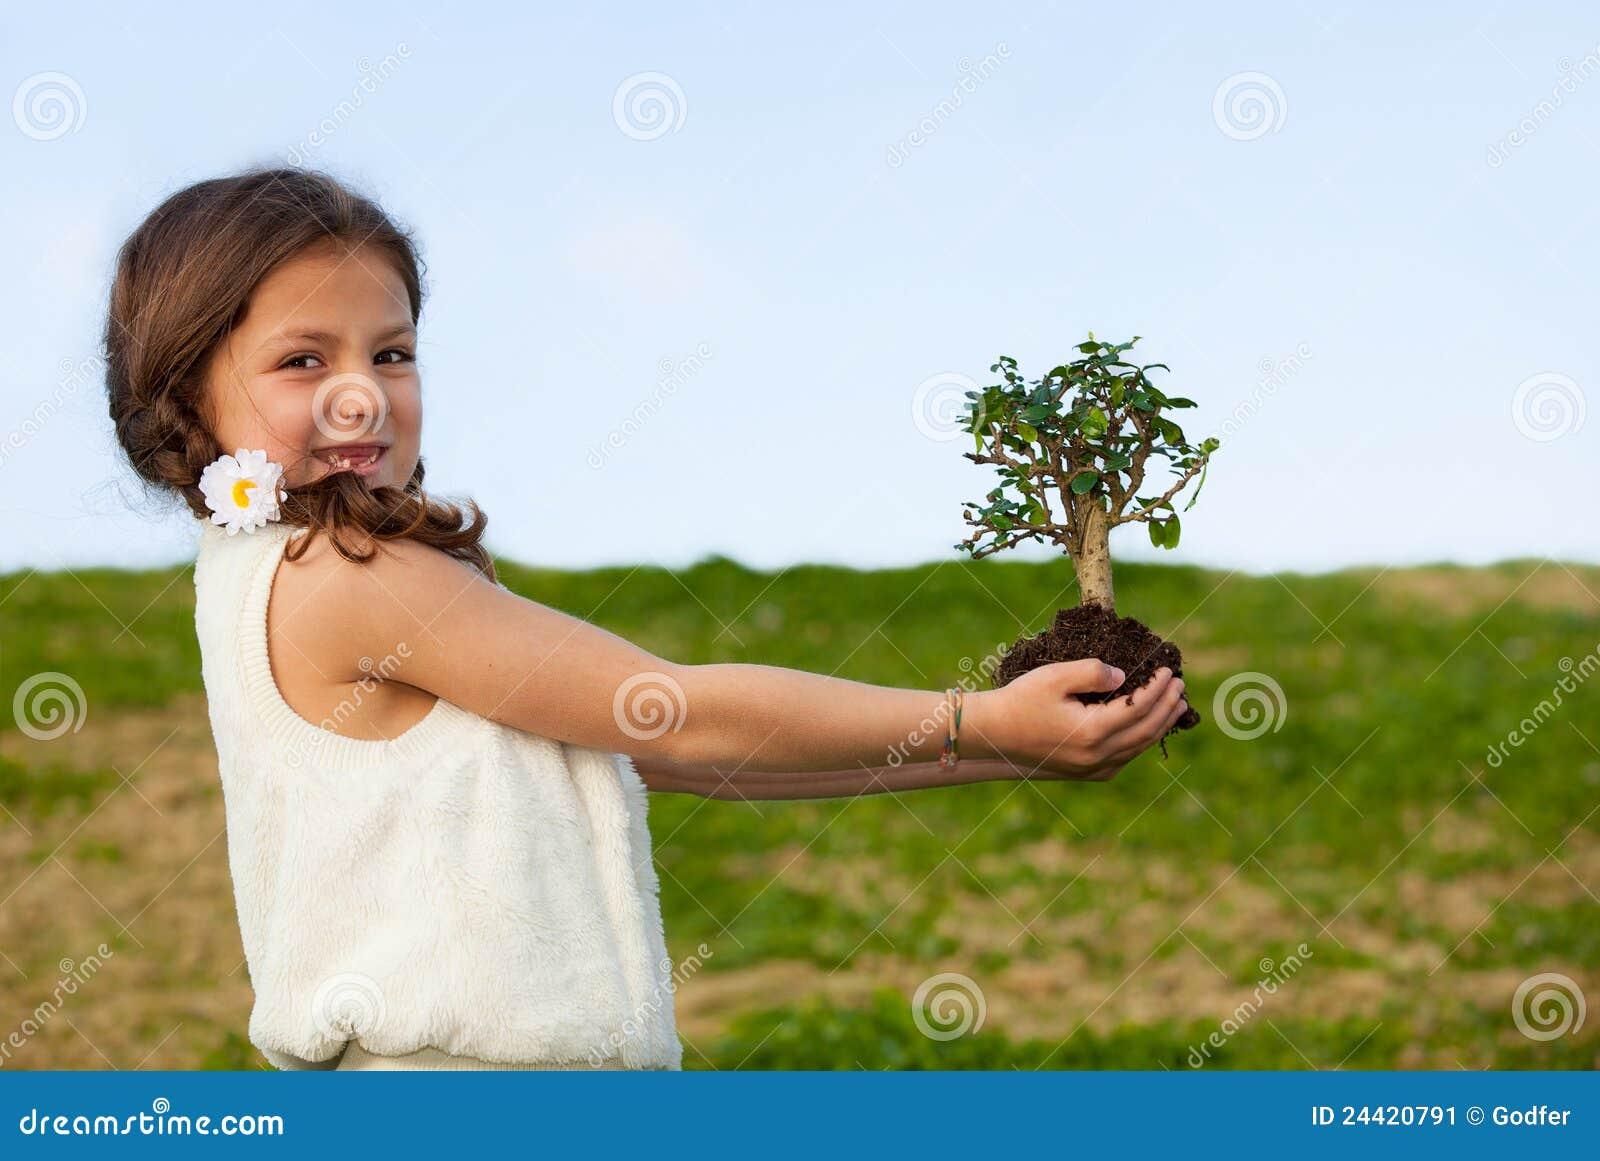 Ambiente e natureza